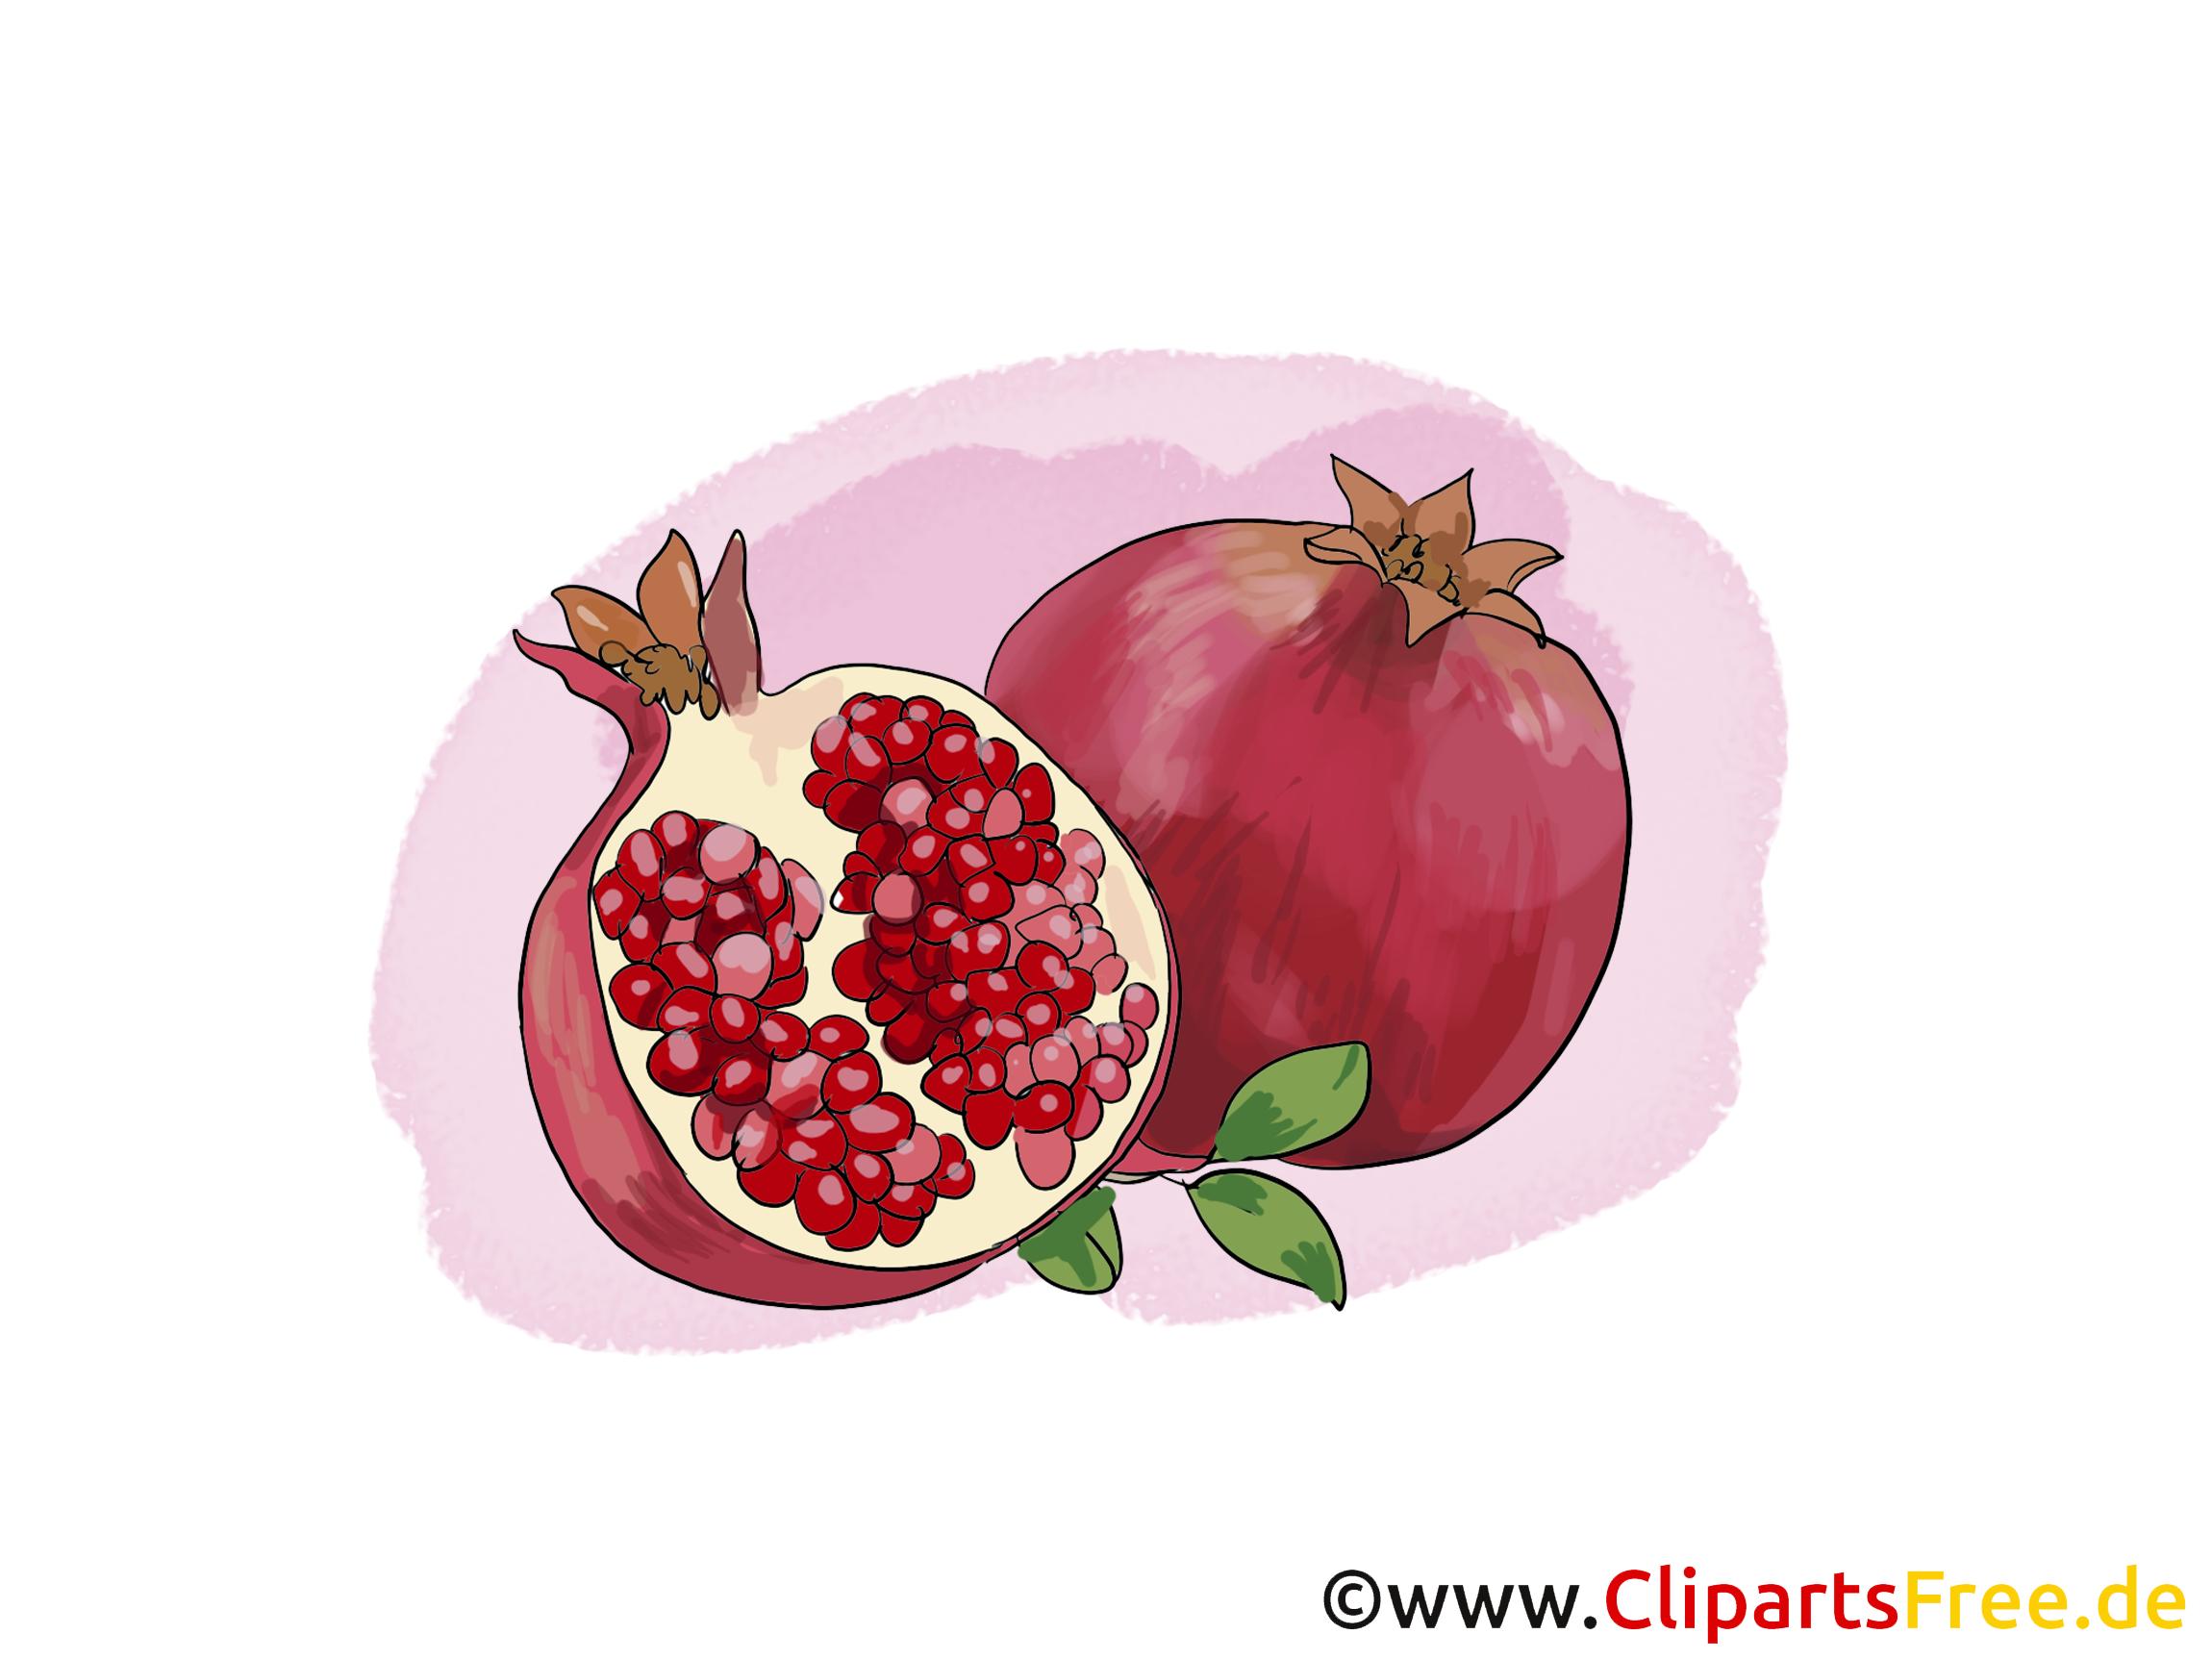 Grenade dessin gratuit - Fruits image